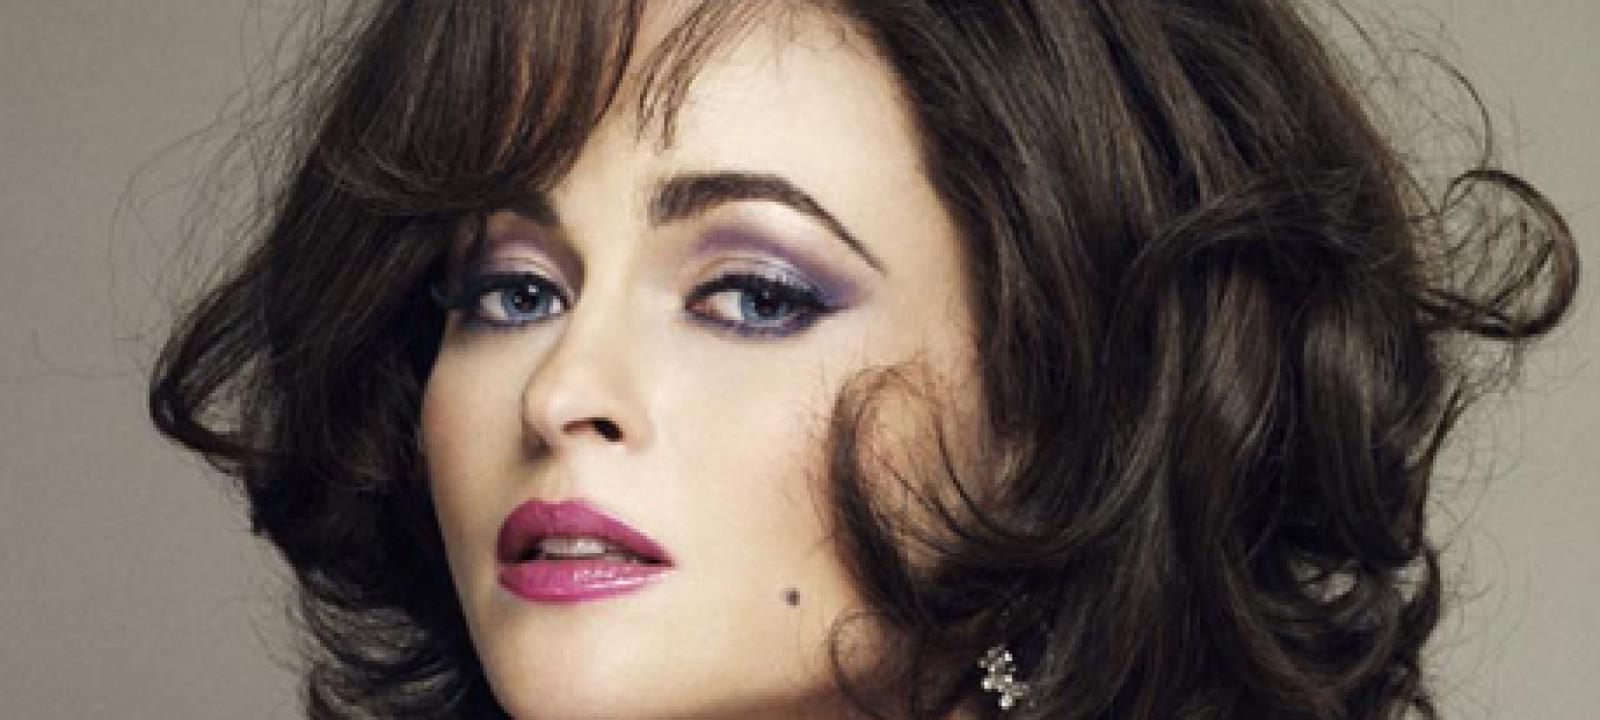 Helena Bonham Carter, Feature Photo